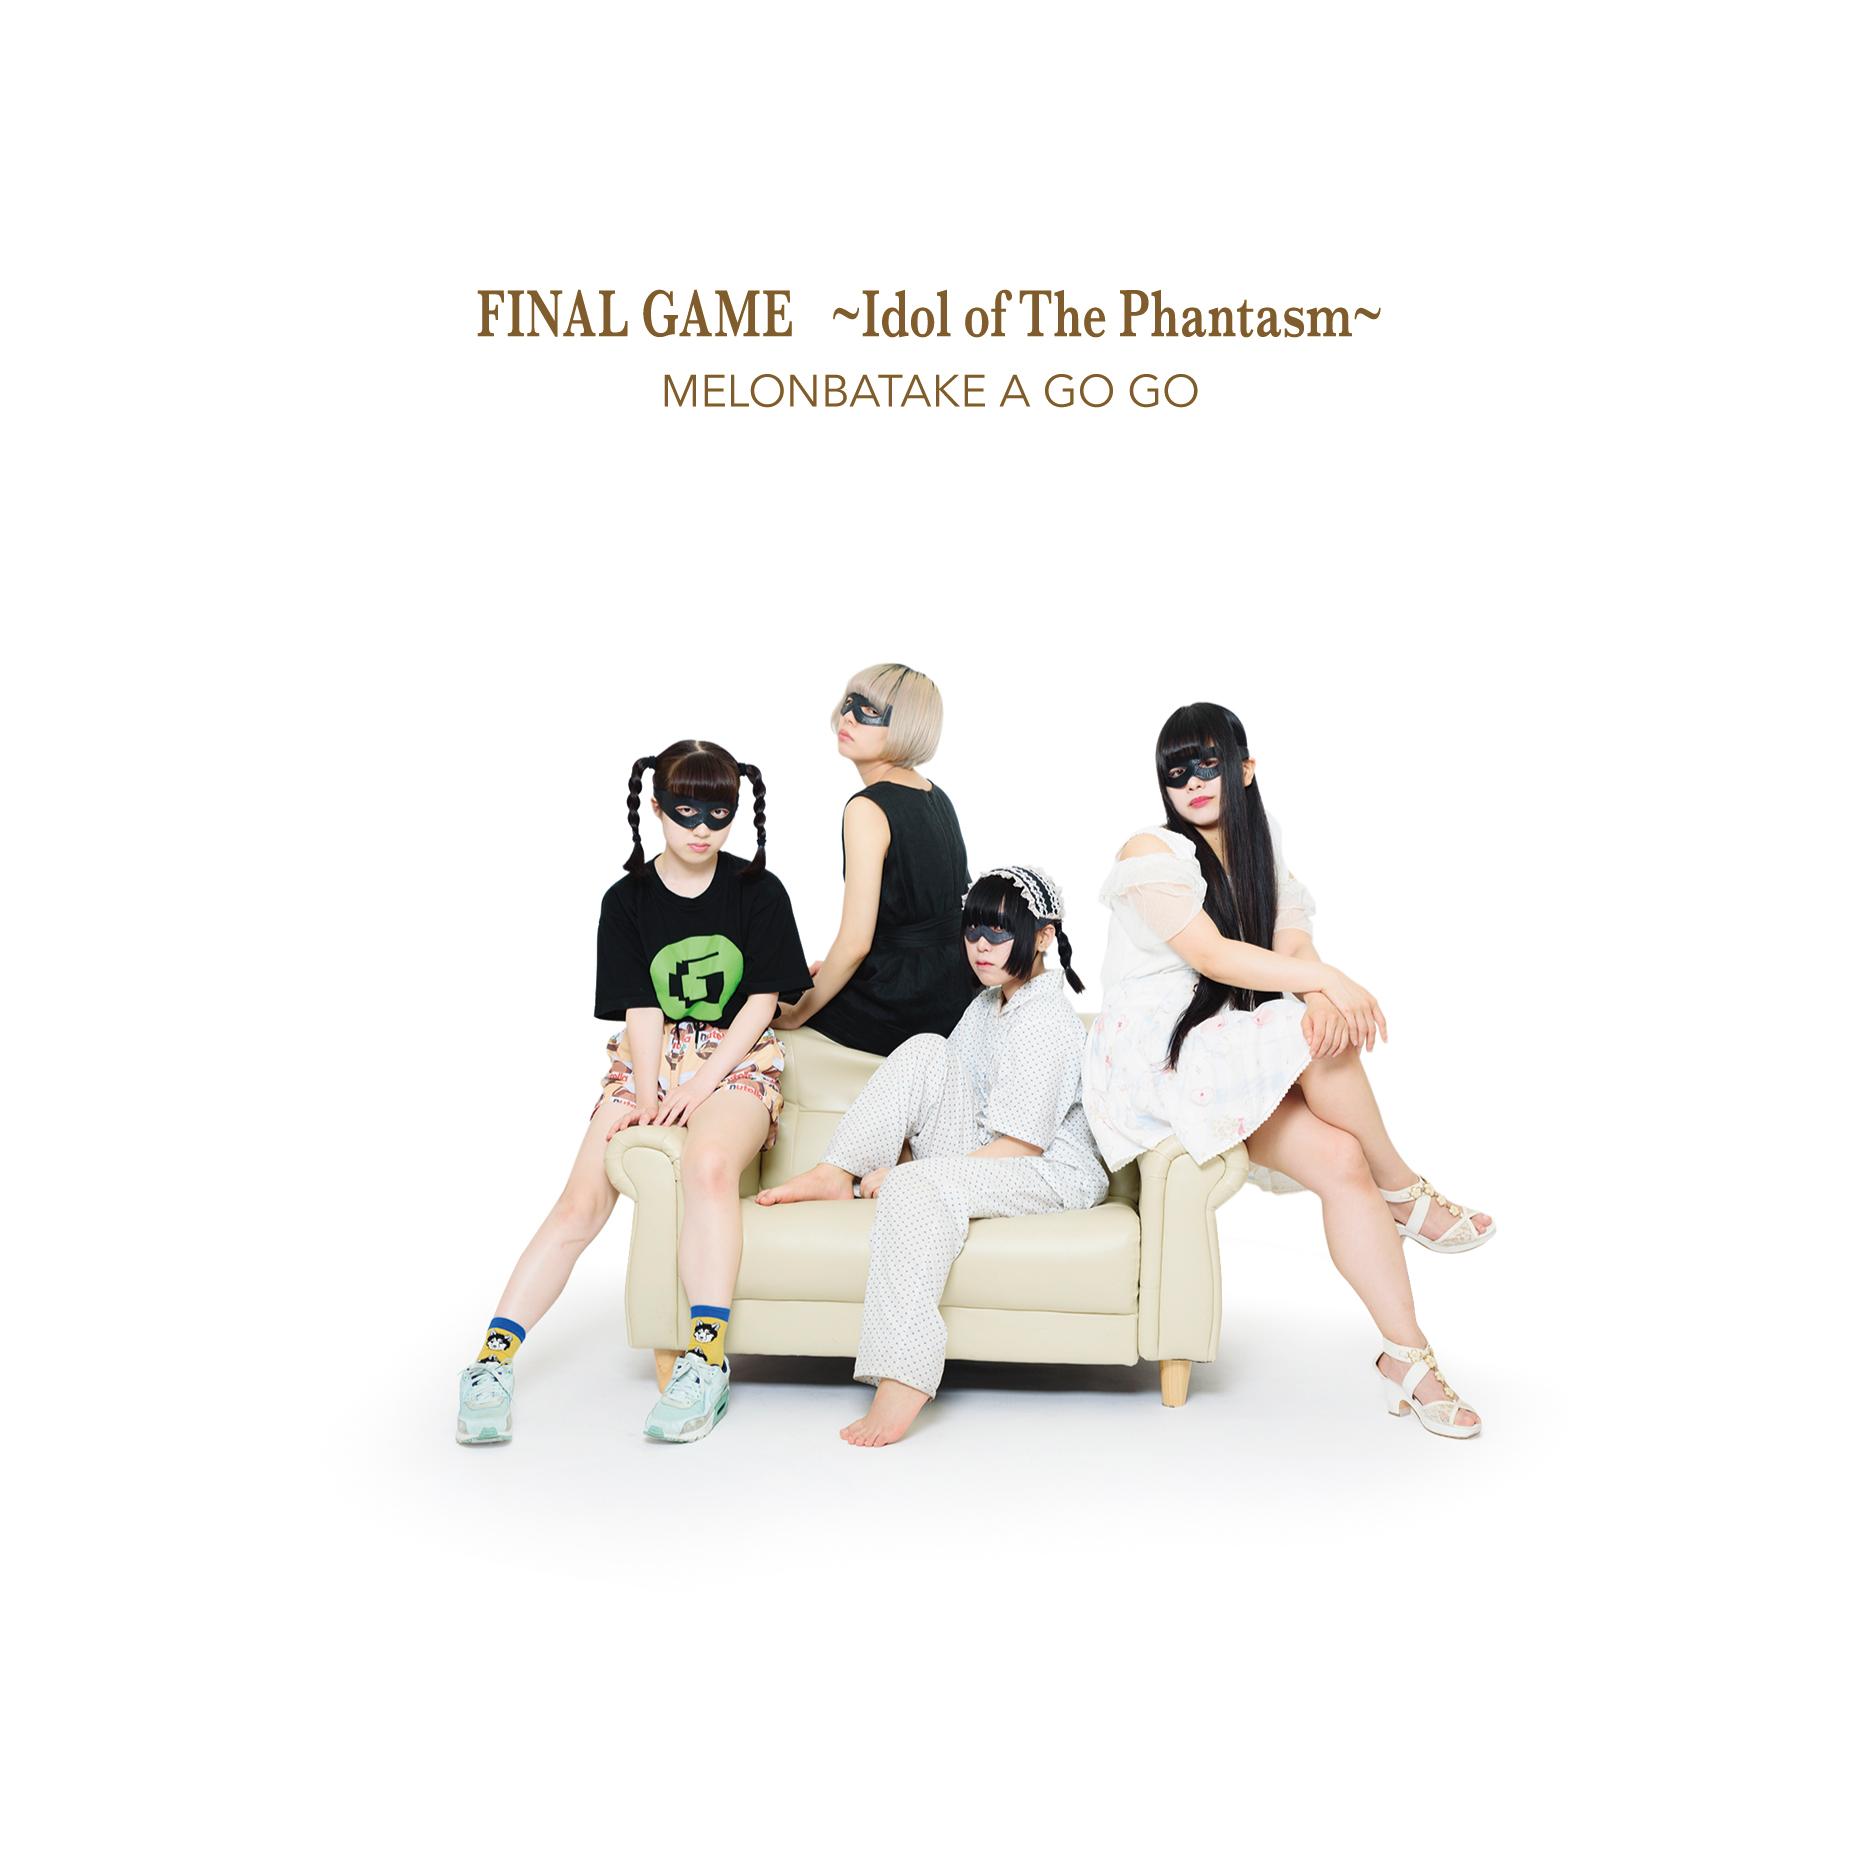 FINAL GAME -Idol of The Phantasm-